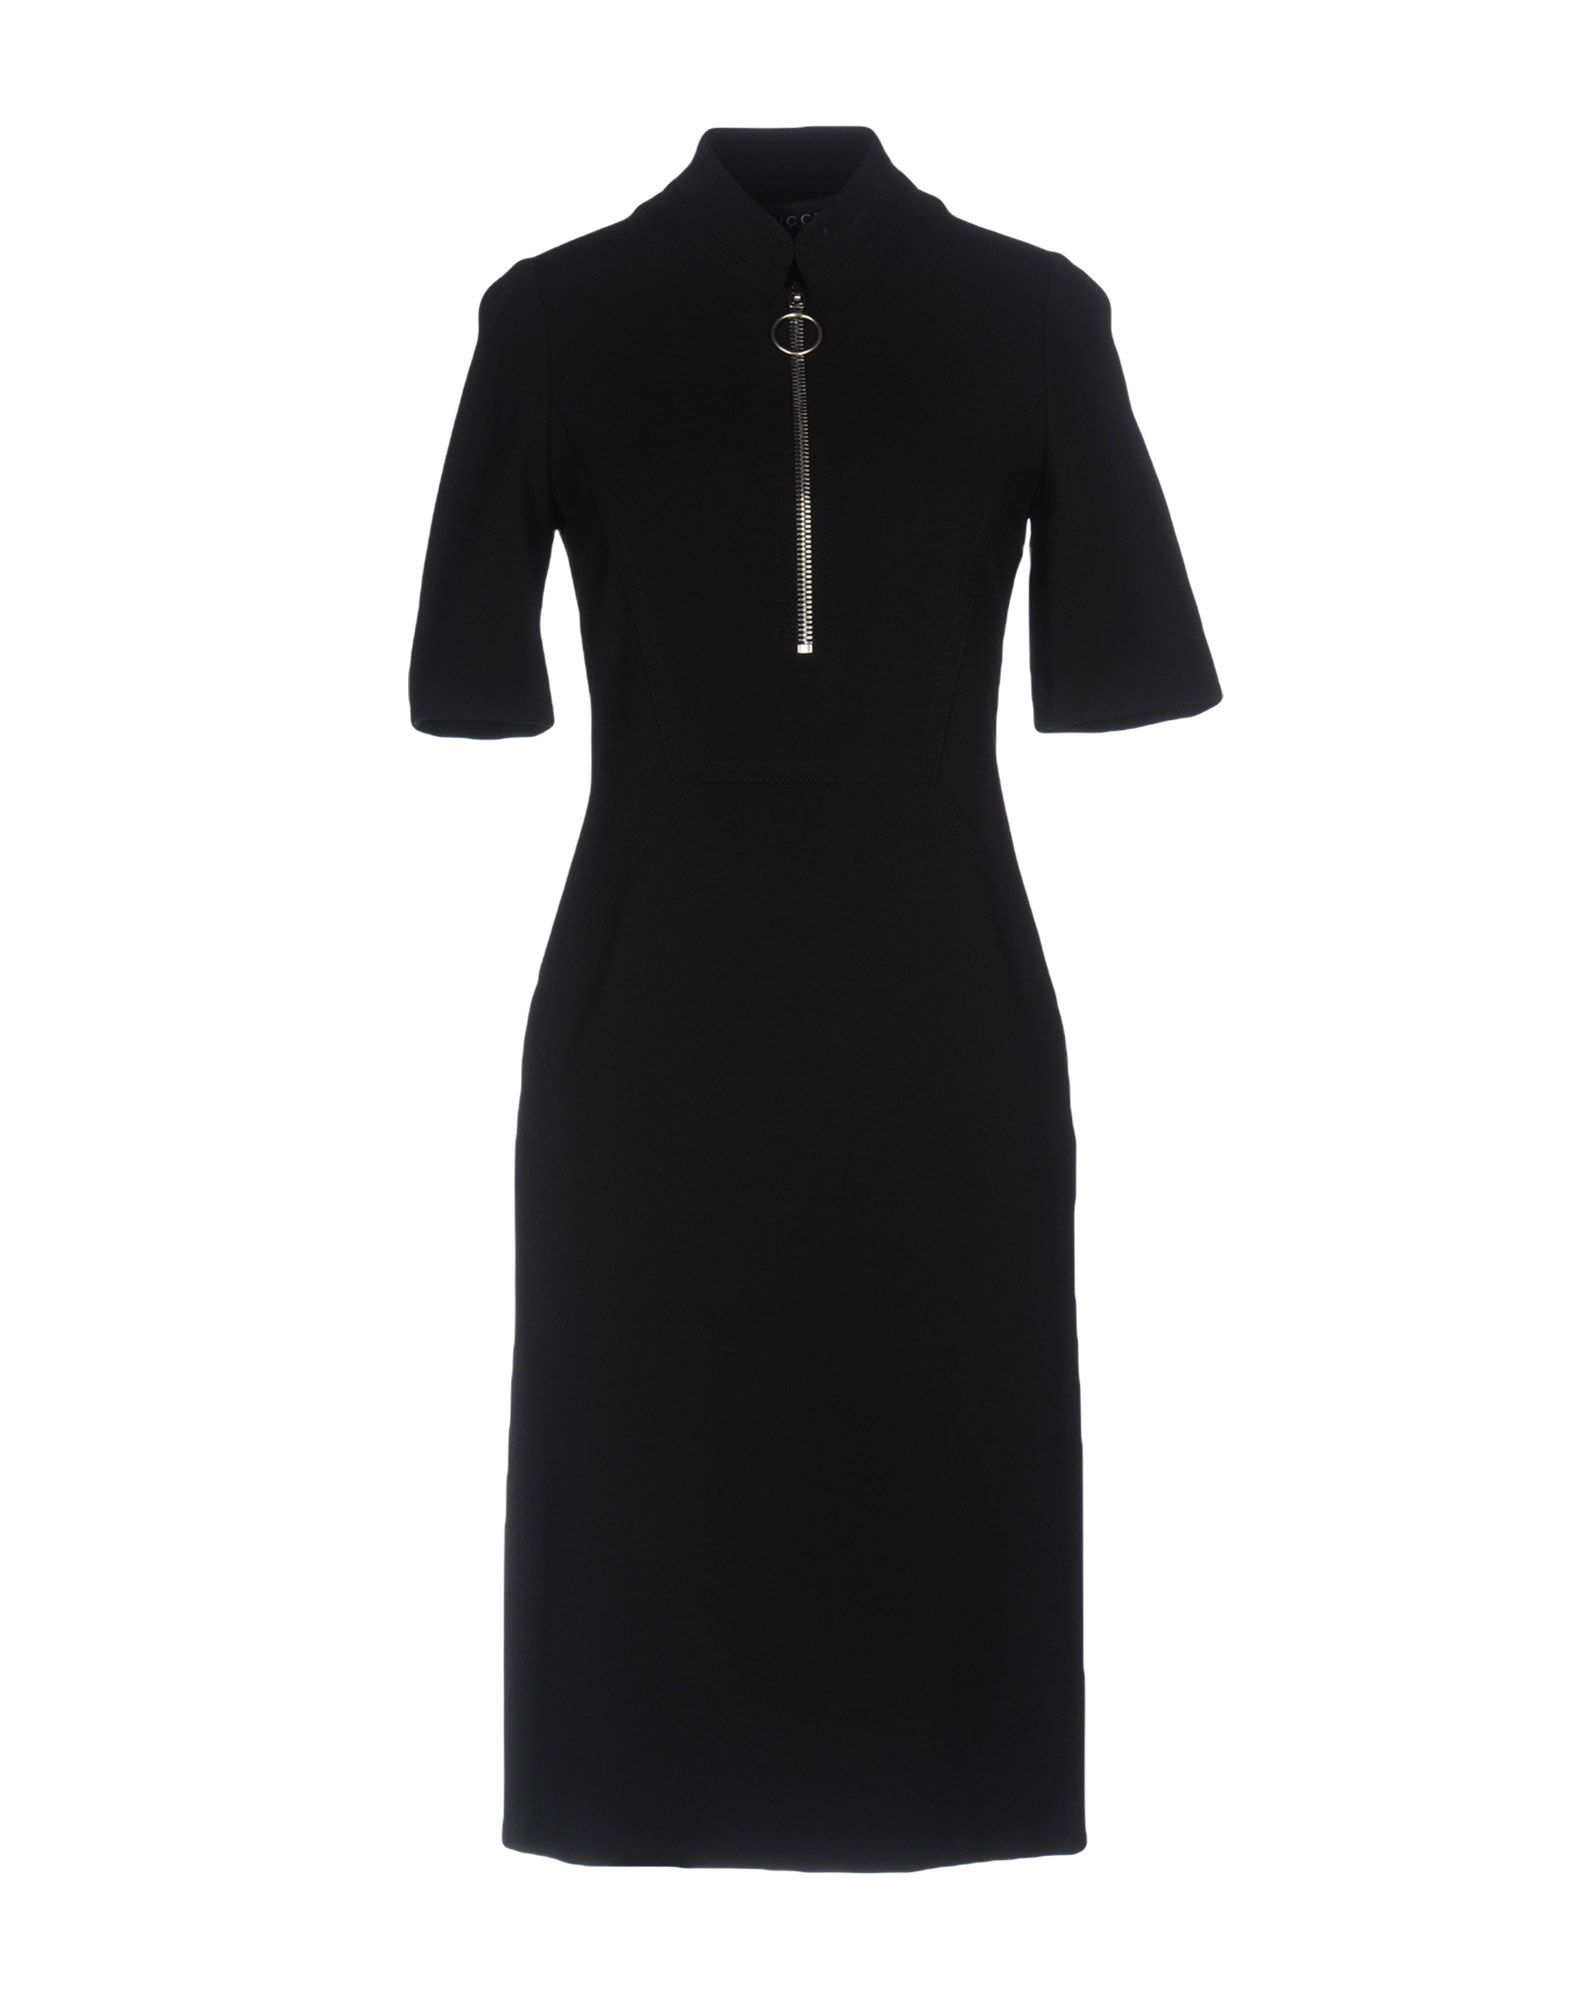 GUCCI Damen Knielanges Kleid Farbe Schwarz Größe 5